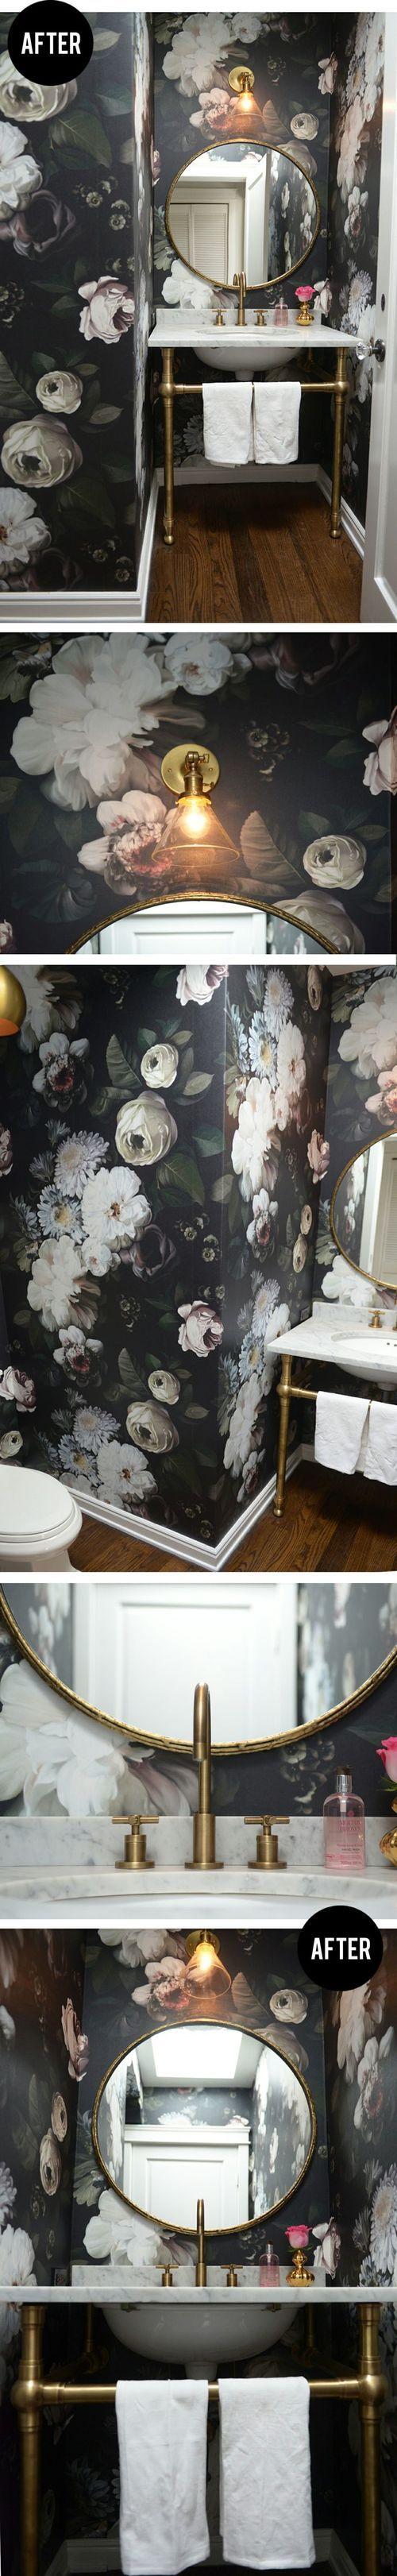 les 25 meilleures id es de la cat gorie papier peint pour toilettes pour dames sur pinterest. Black Bedroom Furniture Sets. Home Design Ideas